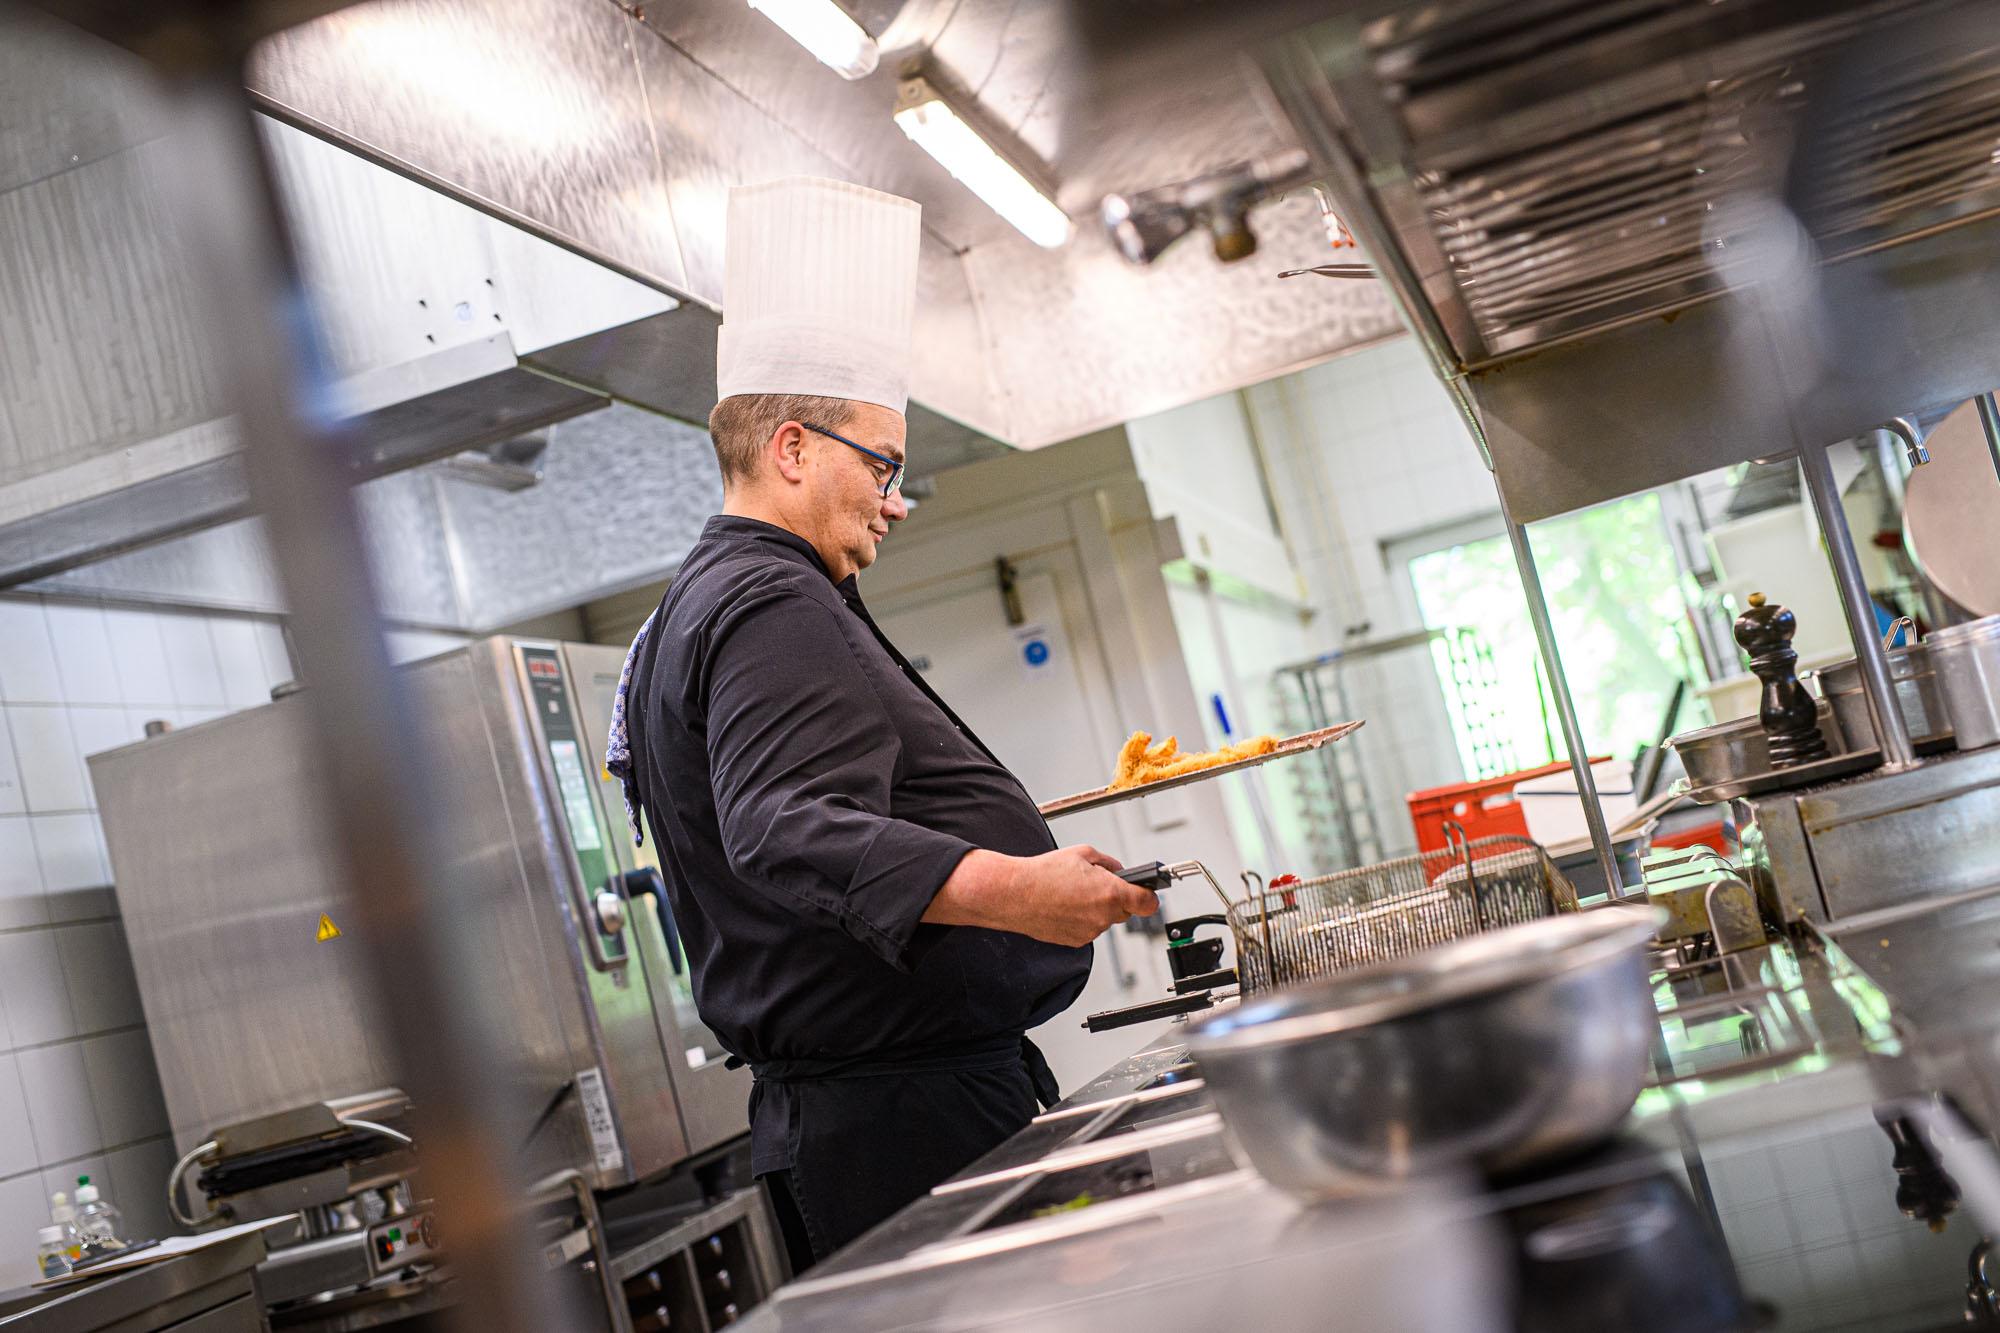 Holiday Inn Lübeck Chef in der Küche ©Kauffmann Studios